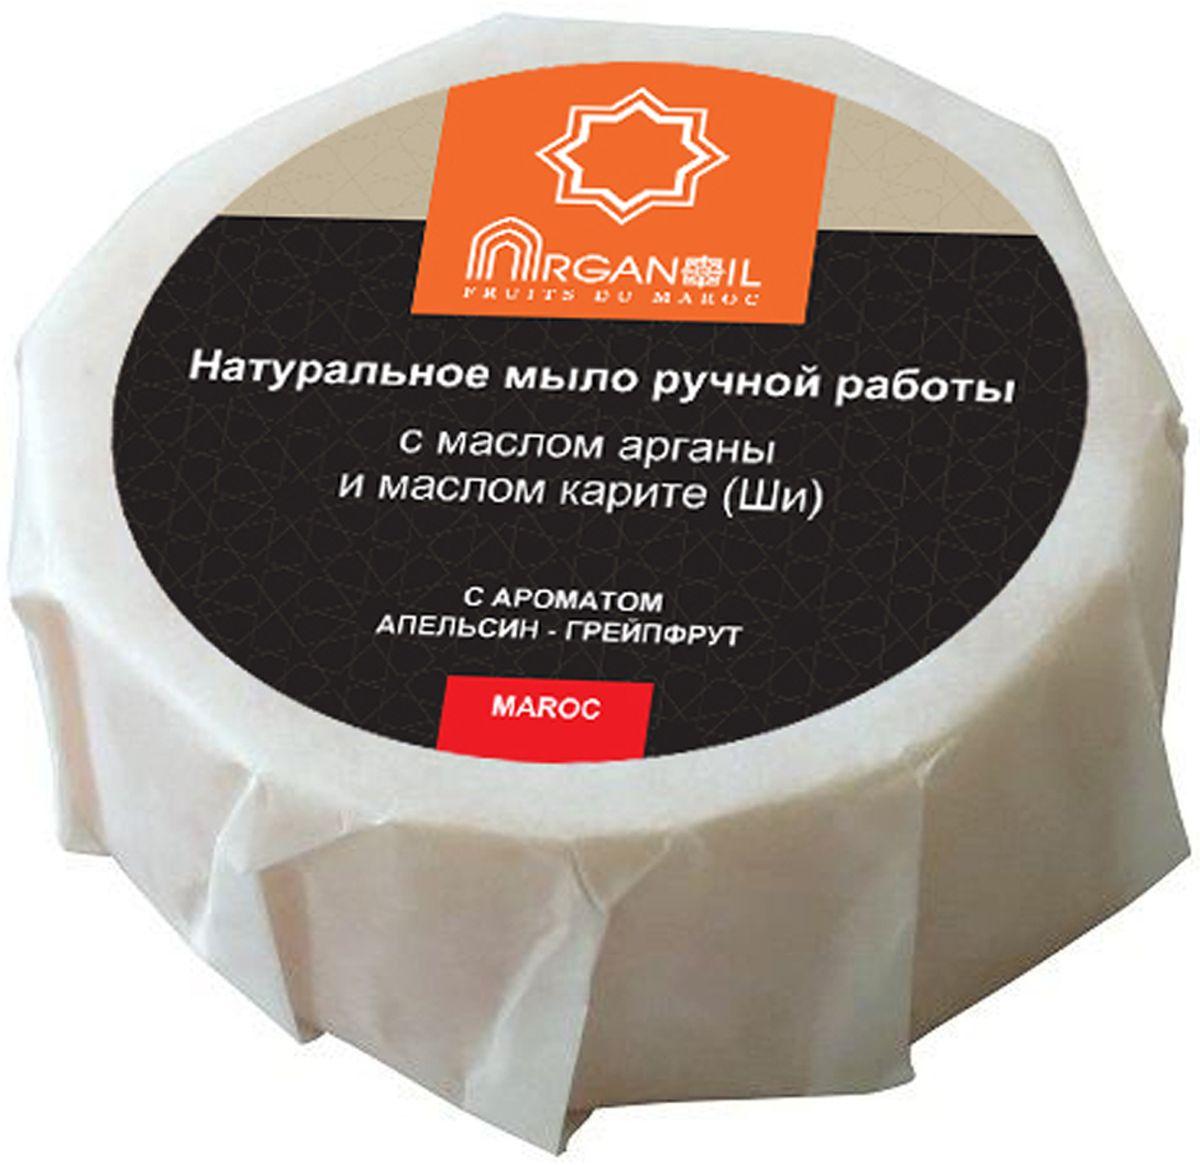 Дом Арганы Натуральное мыло ручной работы с маслом арганы и карите (ши) Arganoil с ароматом Апельсин - Грейпфрут, 100 г70827Натуральные компоненты, входящие в состав мыла, благотворно влияют на кожу, бережно очищая, смягчая ее, способствуя регенерации клеток кожи, сохраняя ее молодость и красоту. Аромат апельсина и грейпфрута тонизирует и поднимает настроение. Натуральное мыло варится исключительно вручную на высококачественных растительных маслах, изготовлено по уникальной технологии мыловарения на базе старинных марокканских рецептов. Мыло подходит обладателям нежной, сухой, чувствительной кожи.